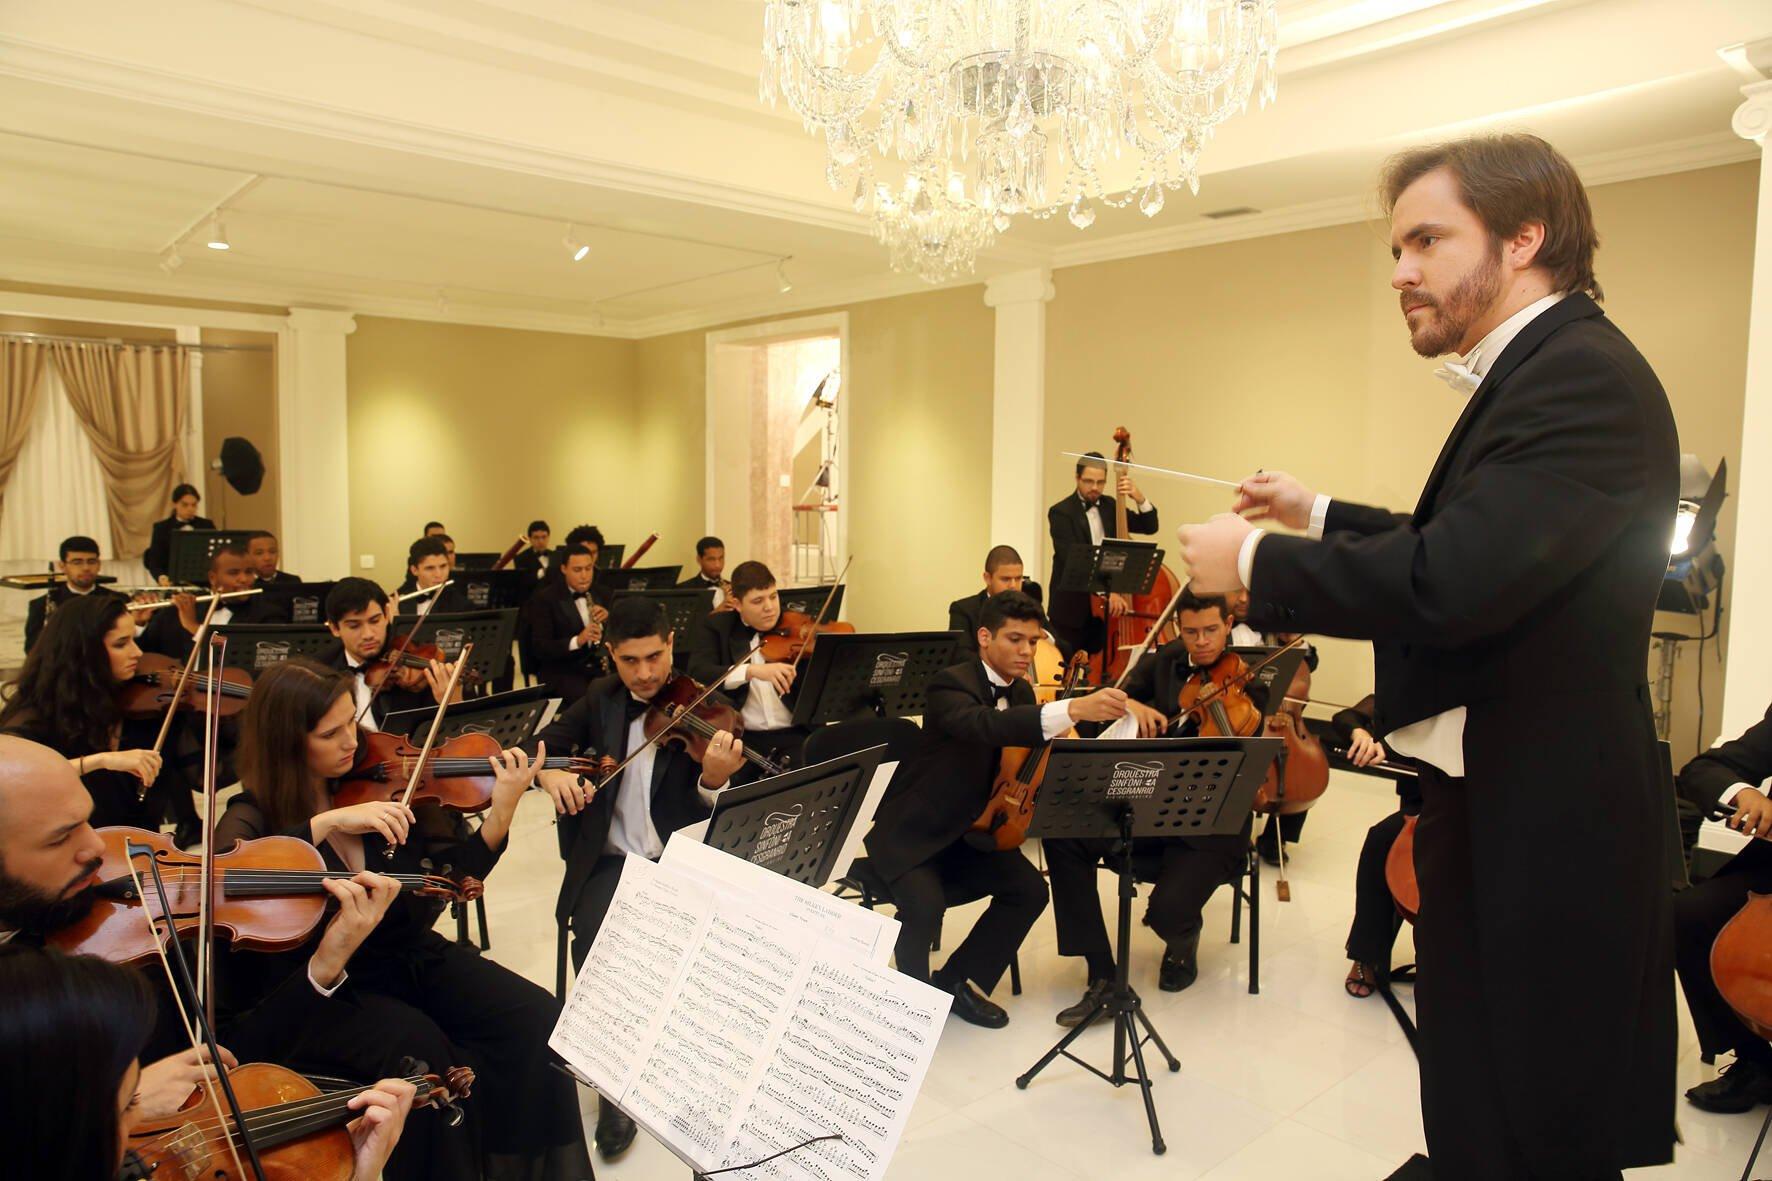 A Orquestra Sinfonica da Fundação Cesgranrio, que vai se apresentar para convidados nesta terça-feira (30/06) / Foto: